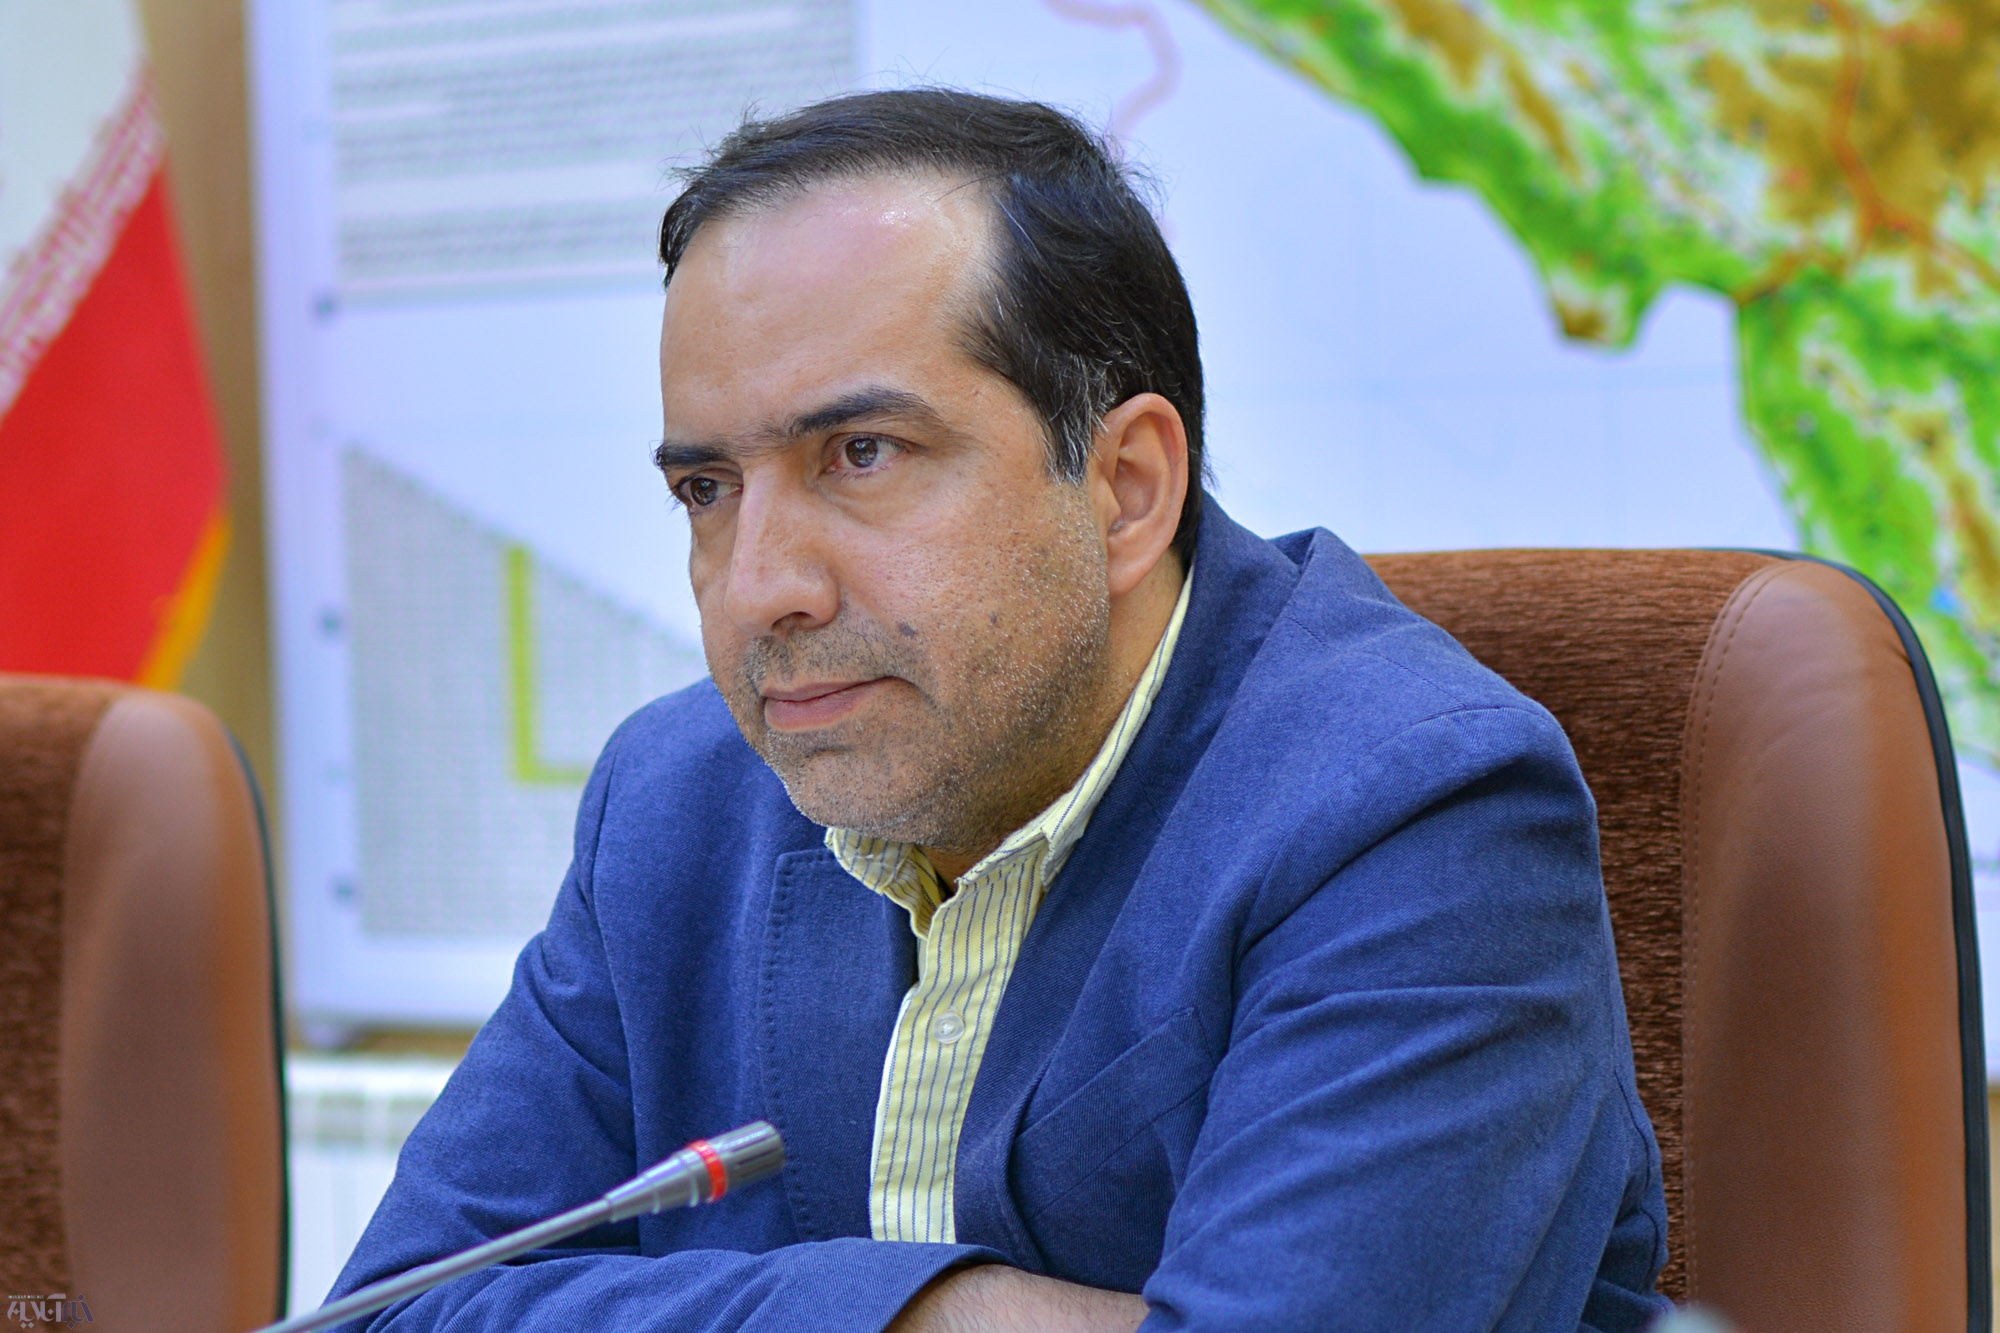 گزارش تصویری| دیدار معاون مطبوعاتی وزیر ارشاد با مدیران رسانه های کردستان